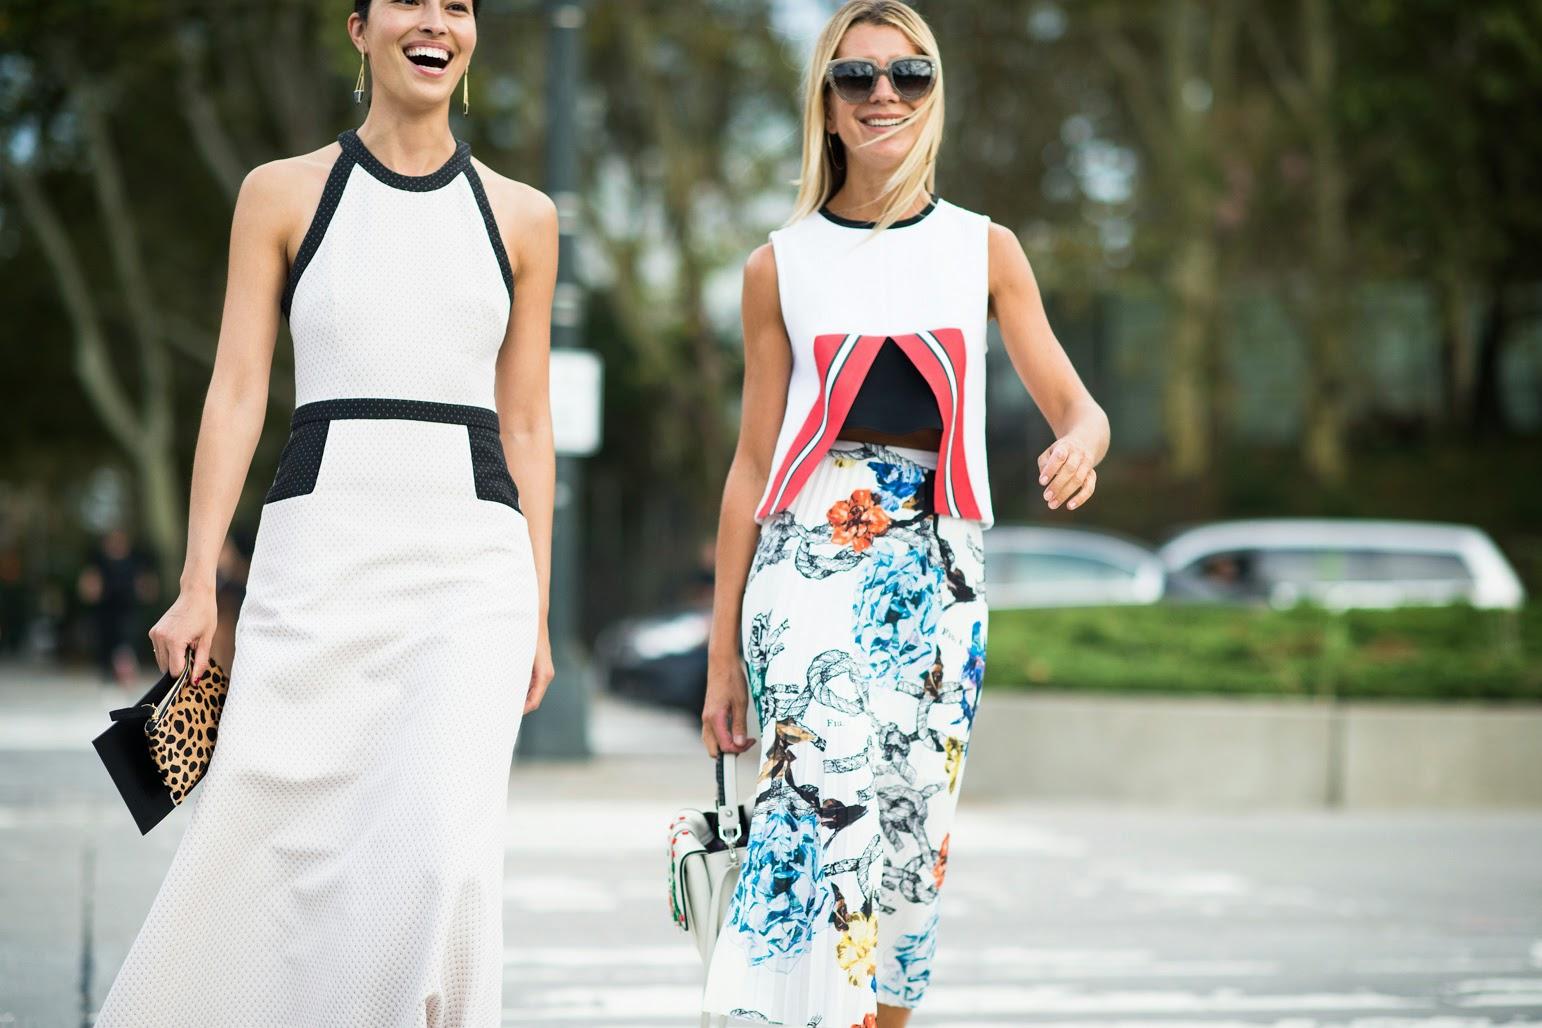 NYFW, streetstyle.manrepeller, nyc, lookoftheday, runway, fashionshow, fashionblog, fashion, rosie assulin, אופנה בלוגאופנה